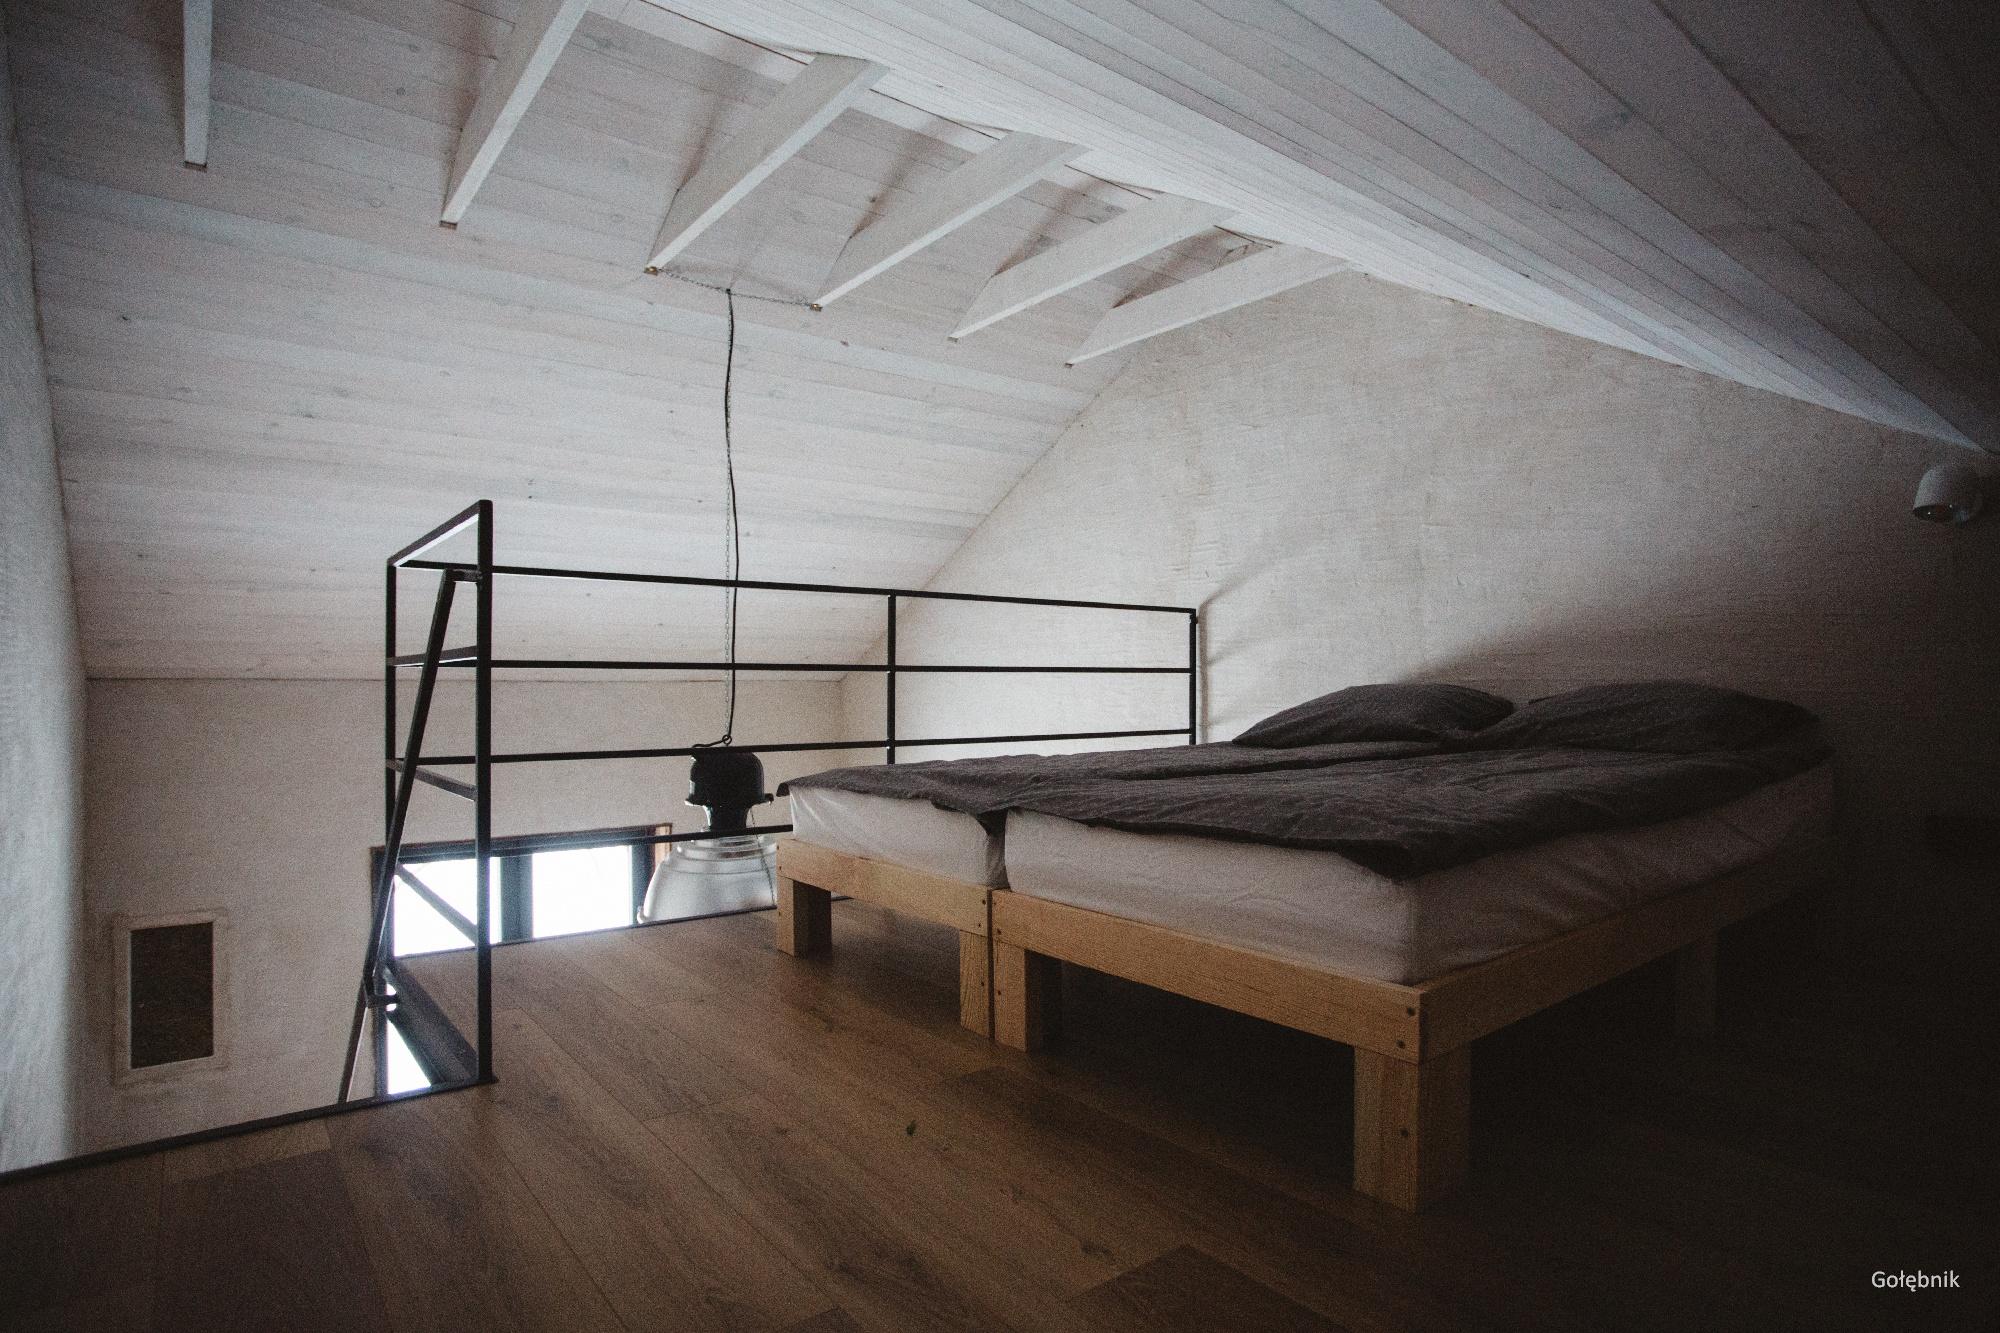 Gołębnik - Where will I sleep?